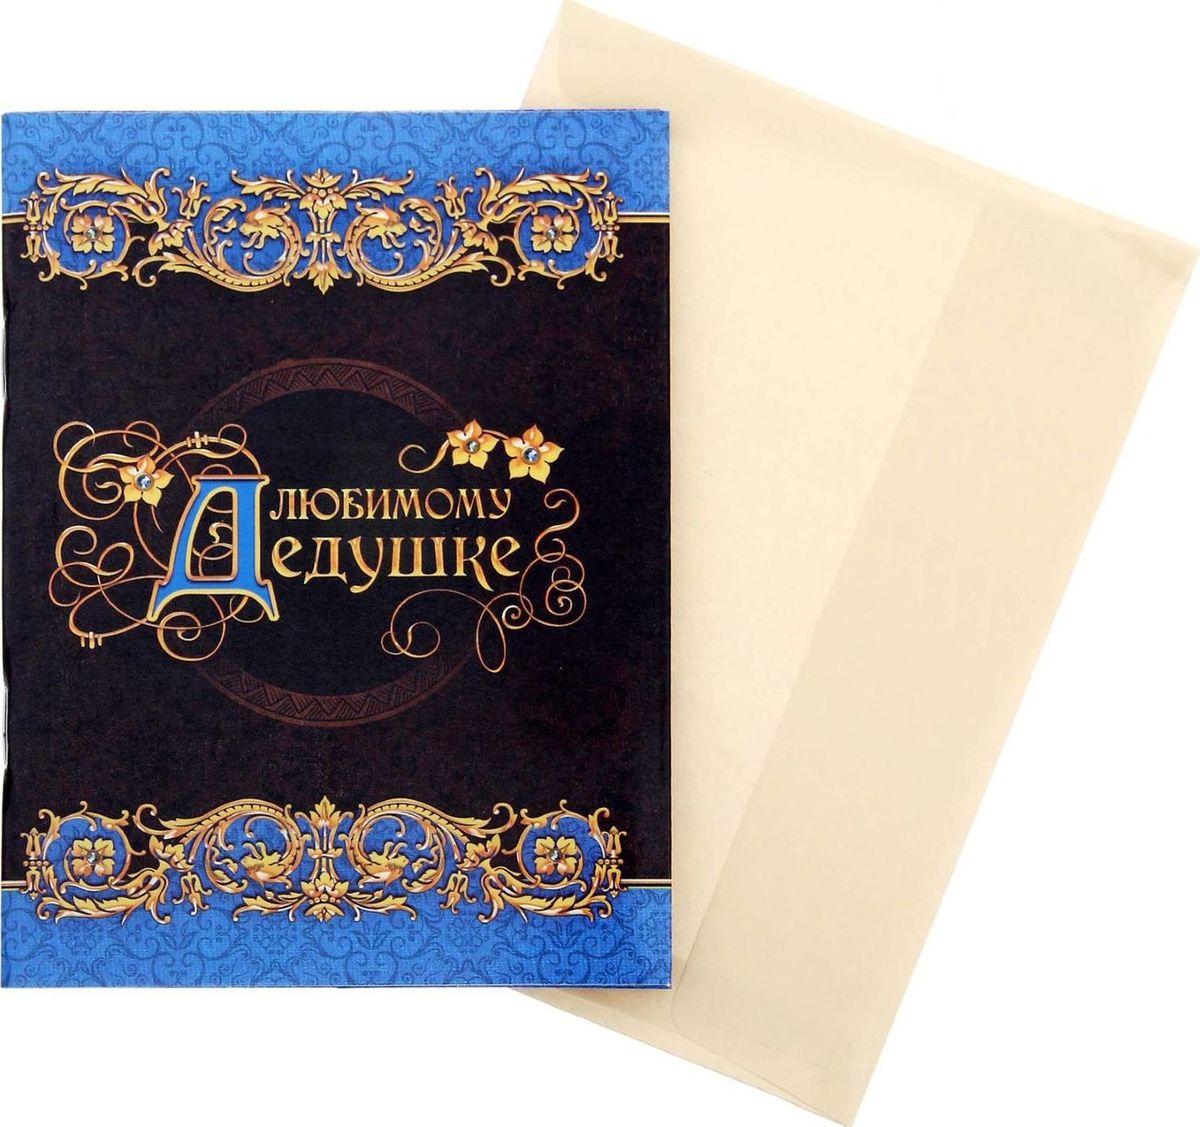 Блокнот-открытка Любимому дедушке 32 листа1104985Блокнот-открытка Любимому дедушке сочетает в себе красоту и практичность. Он содержит приятные пожелания от близких людей, а 32 дизайнерских листа с бархатной фактурой подарят отличное настроение владельцу. В отличие от обычной открытки, которая будет пылиться в шкафу, блокнотом приятно пользоваться! Изделие дополнено универсальным конвертом, подпишите его и вручите сувенир адресату на любой праздник.